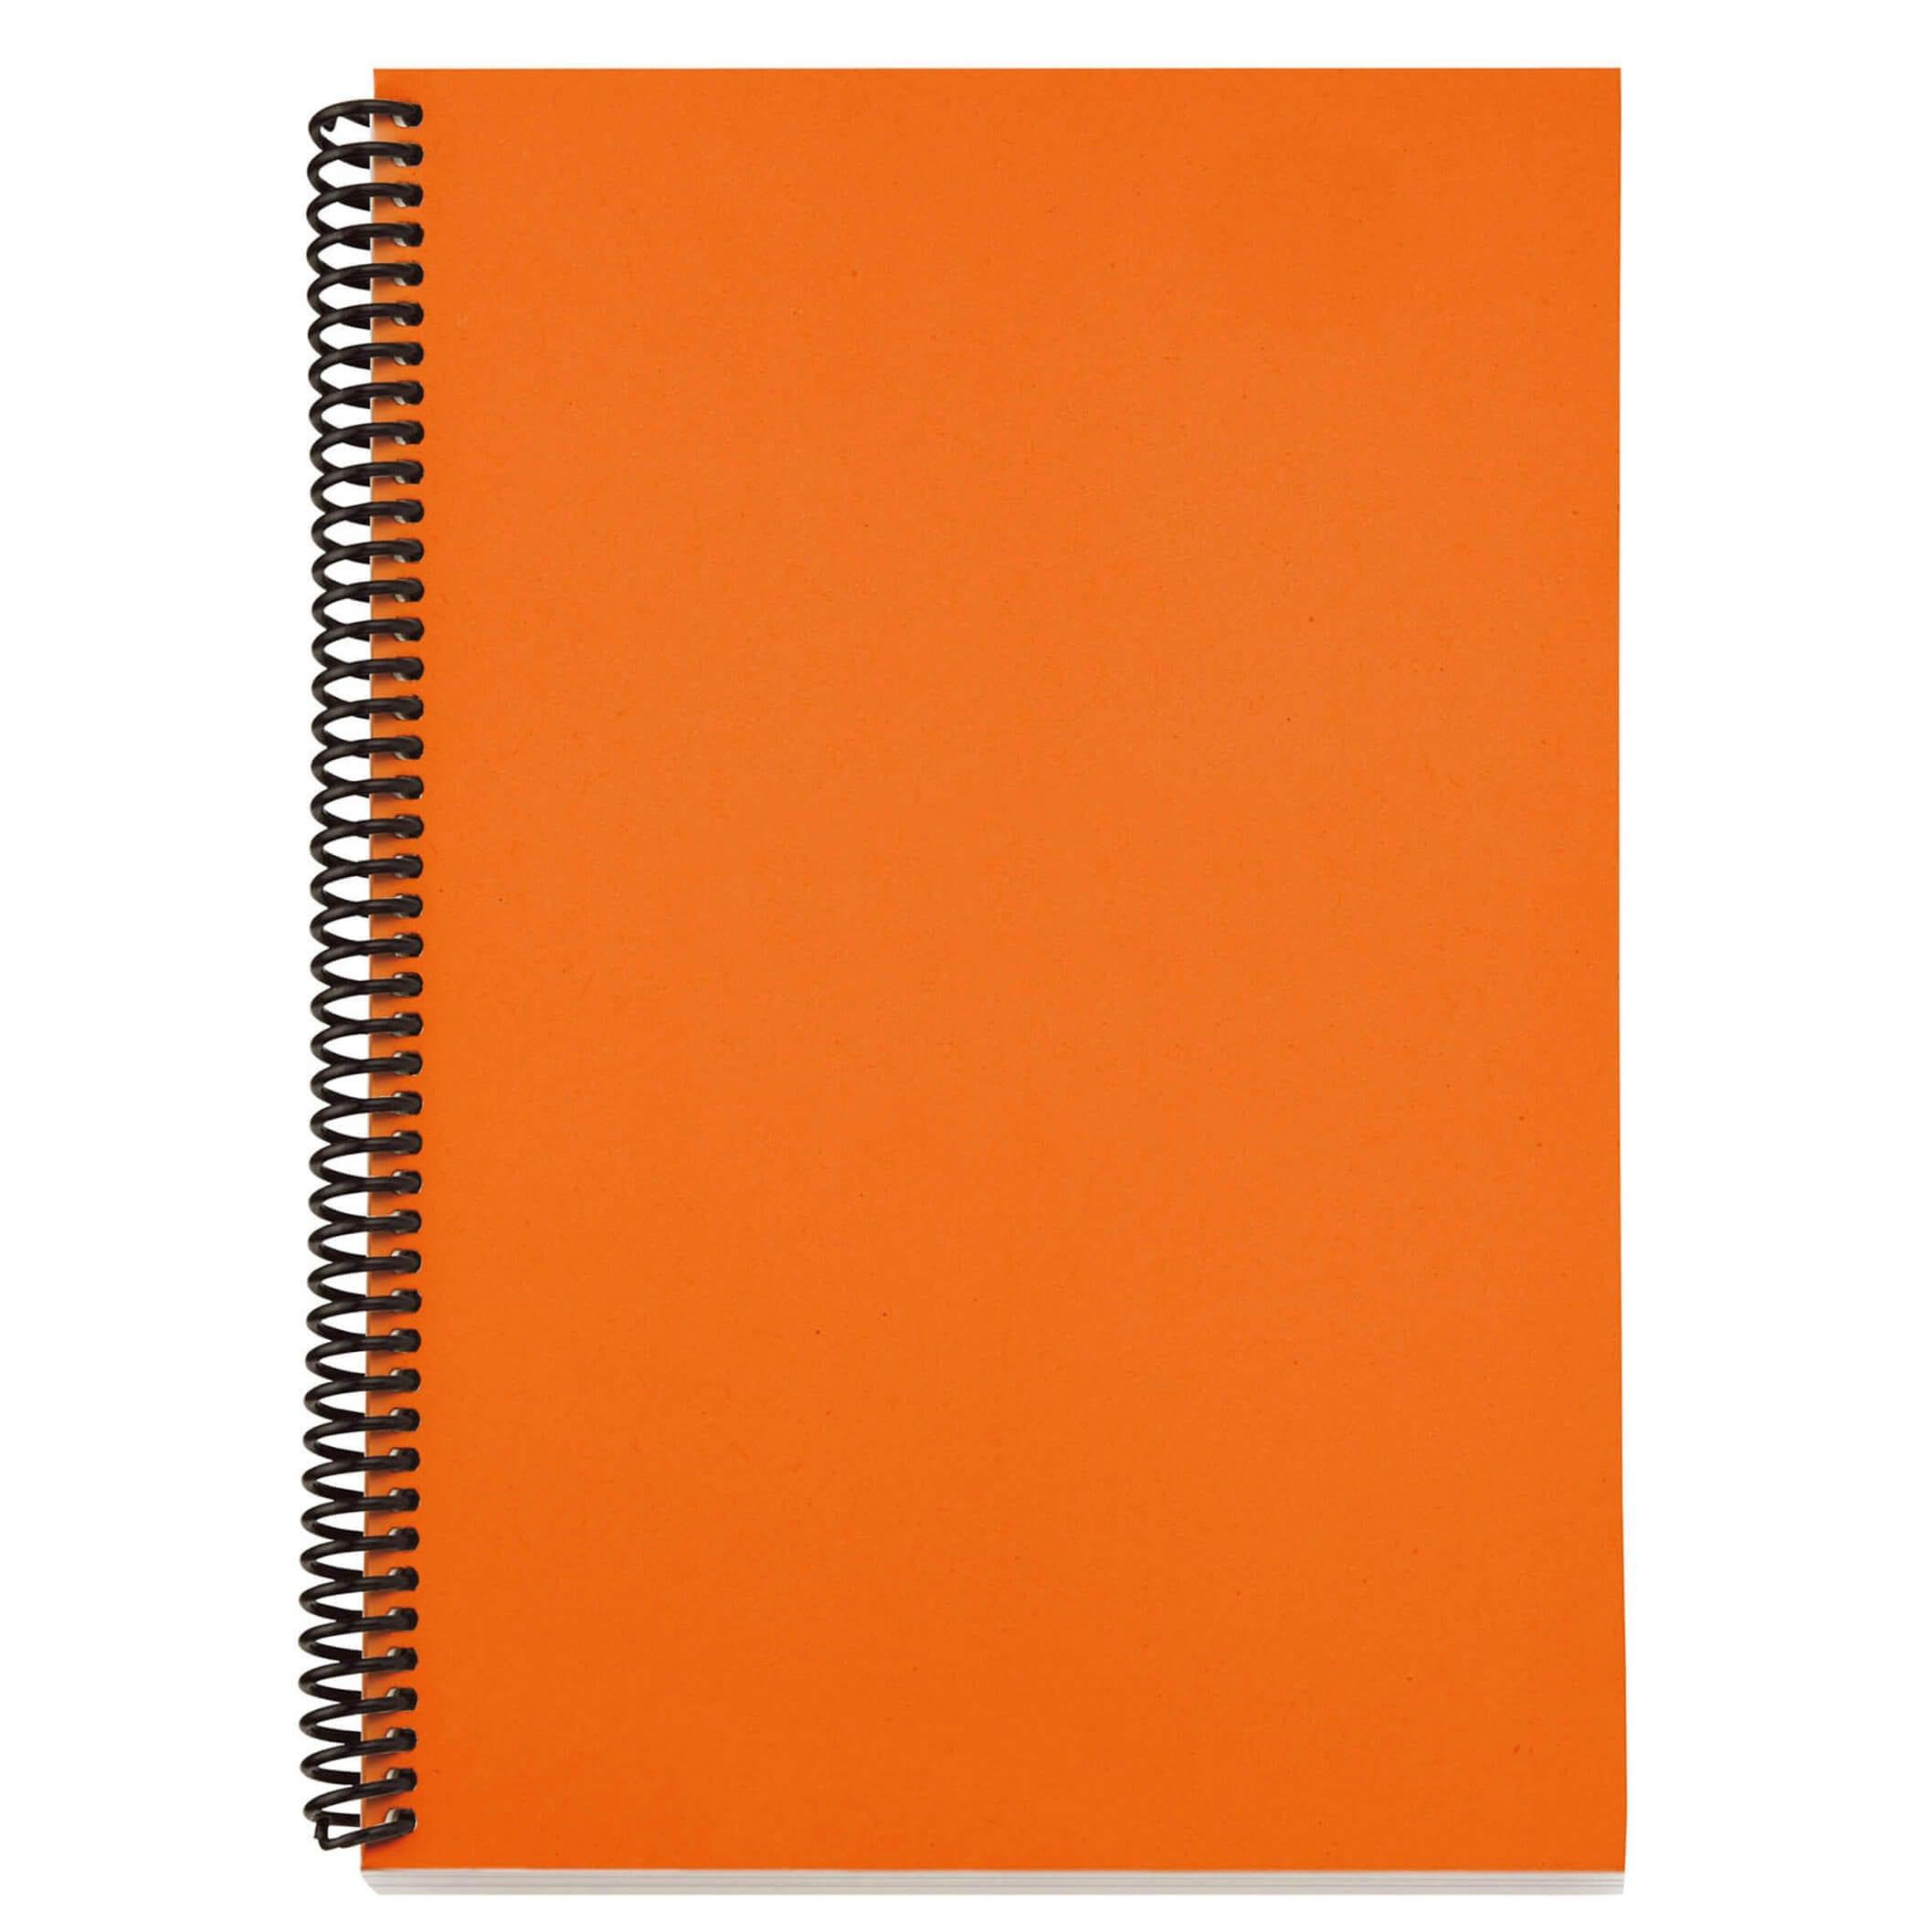 ec3090_orange